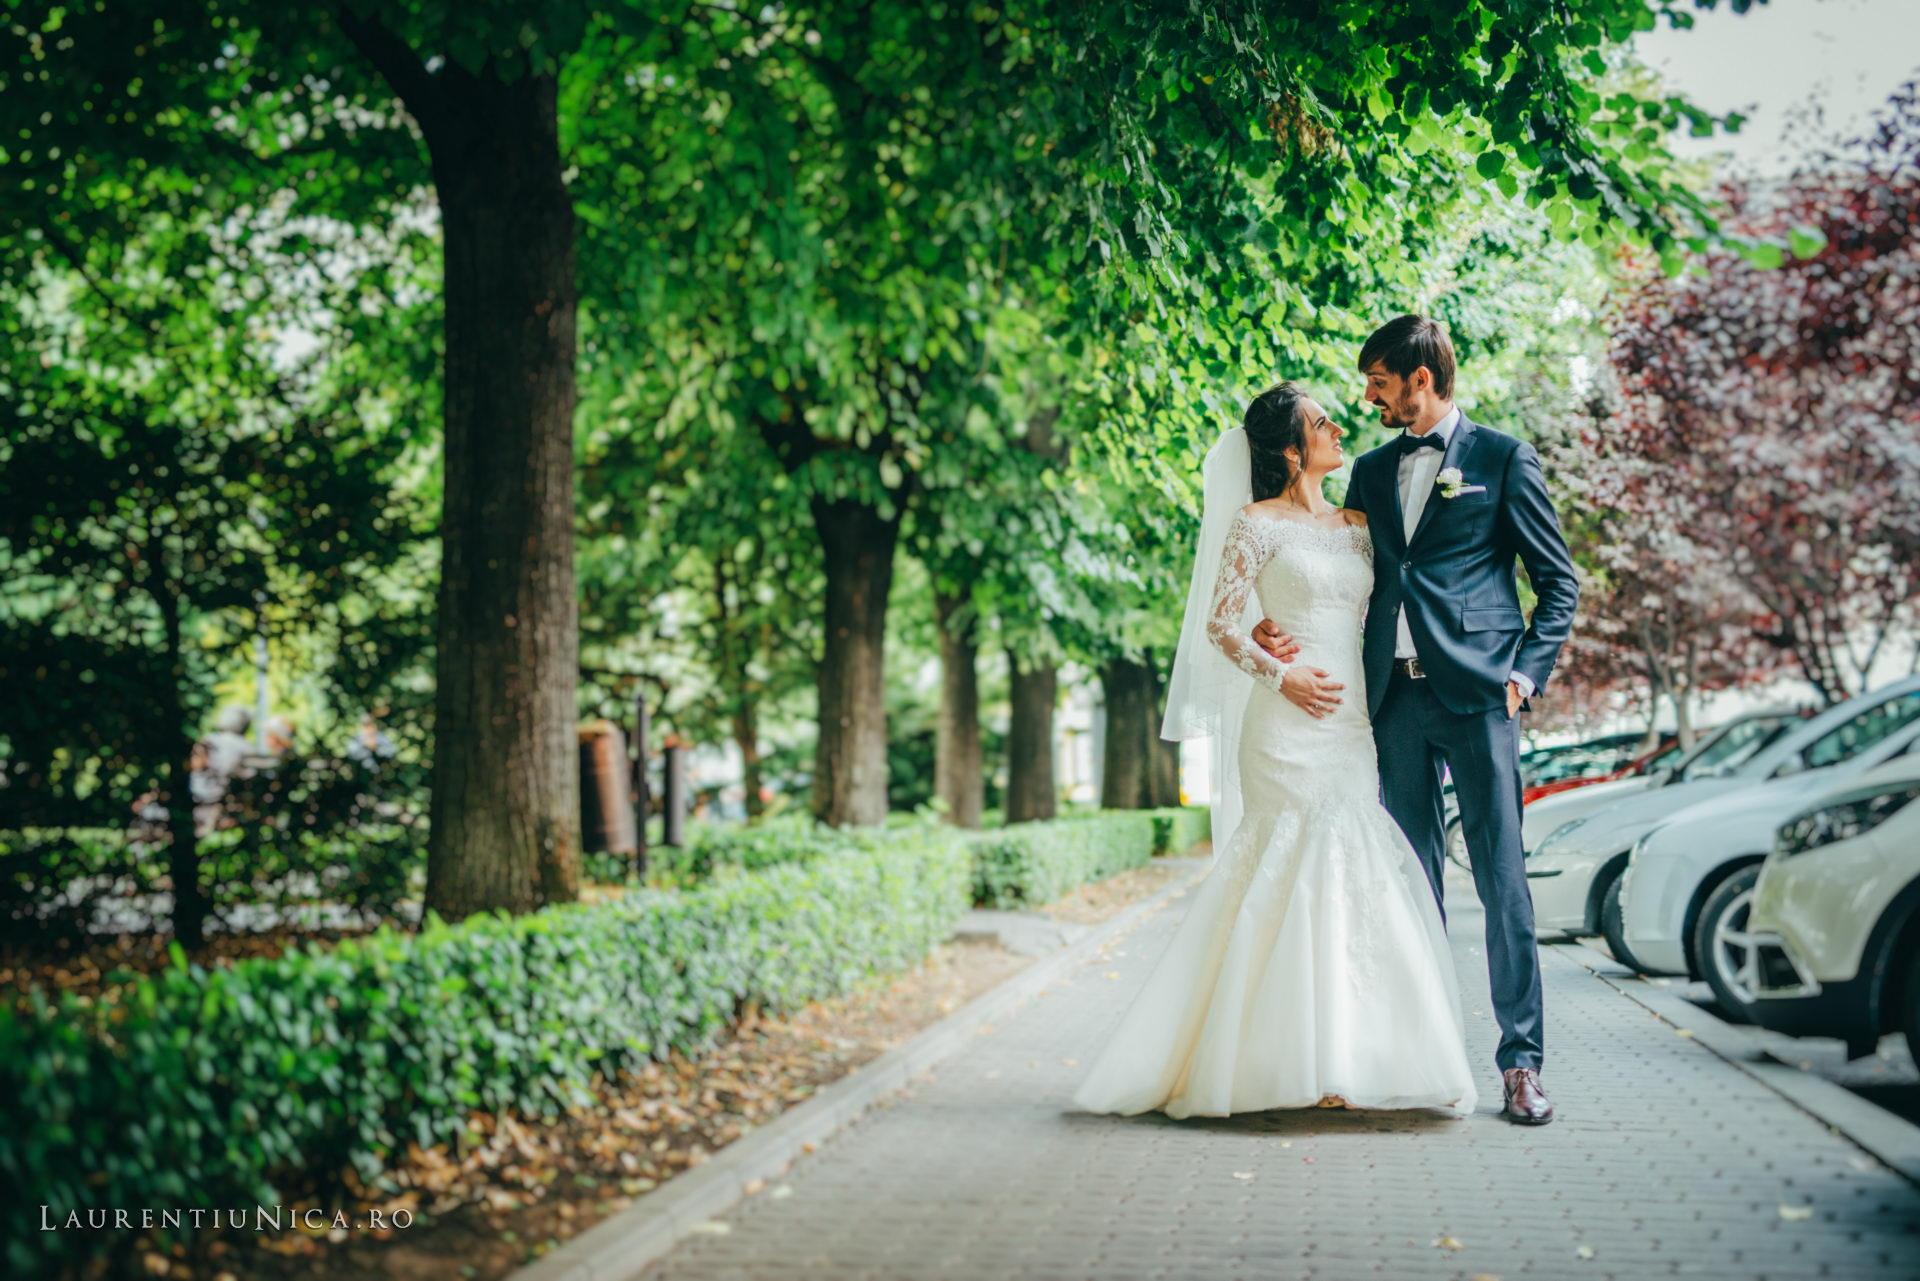 Cristina si Ovidiu nunta Craiova fotograf laurentiu nica 108 - Cristina & Ovidiu | Fotografii nunta | Craiova